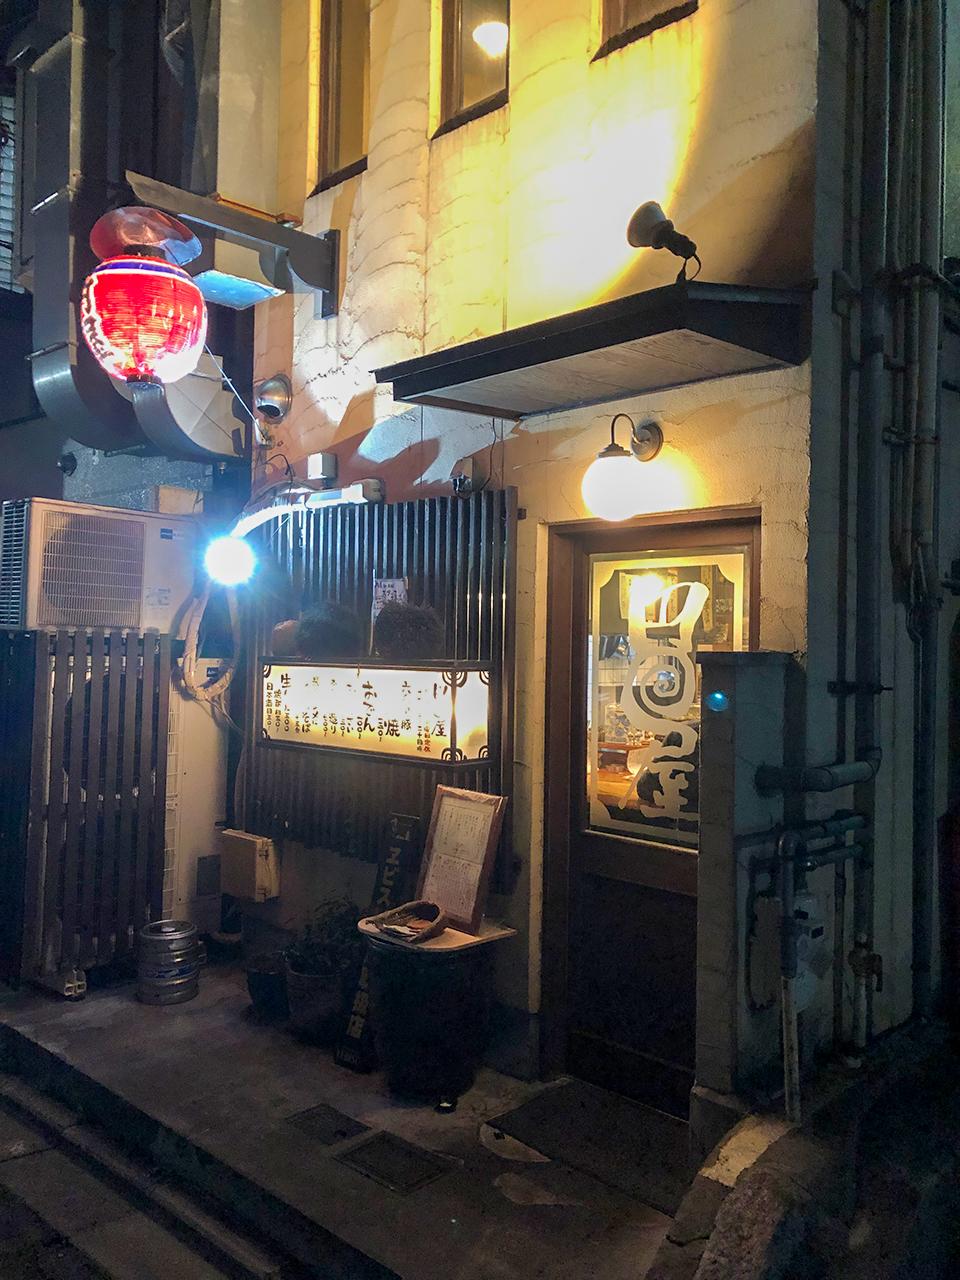 ホテルインターゲート京都四条新町近くの居酒屋〈円屋〉外観